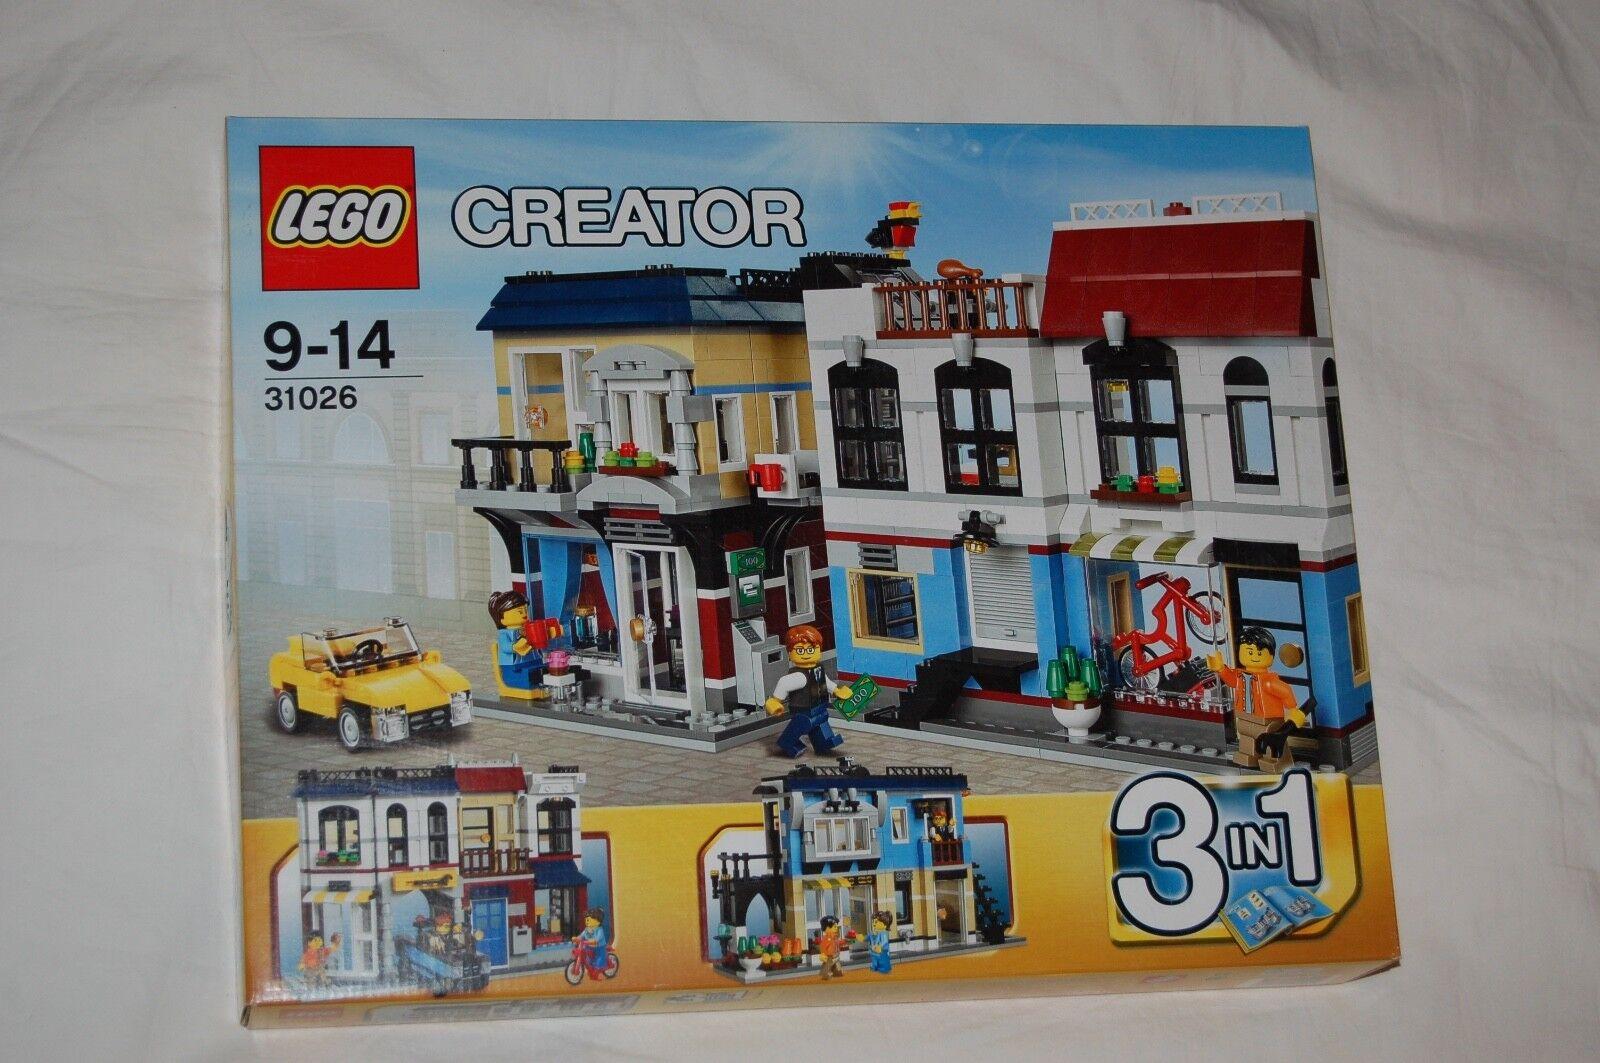 Lego Creator 31026 tienda de bicicletas & café nuevo  se adapta a 31036,31050,60150,60200